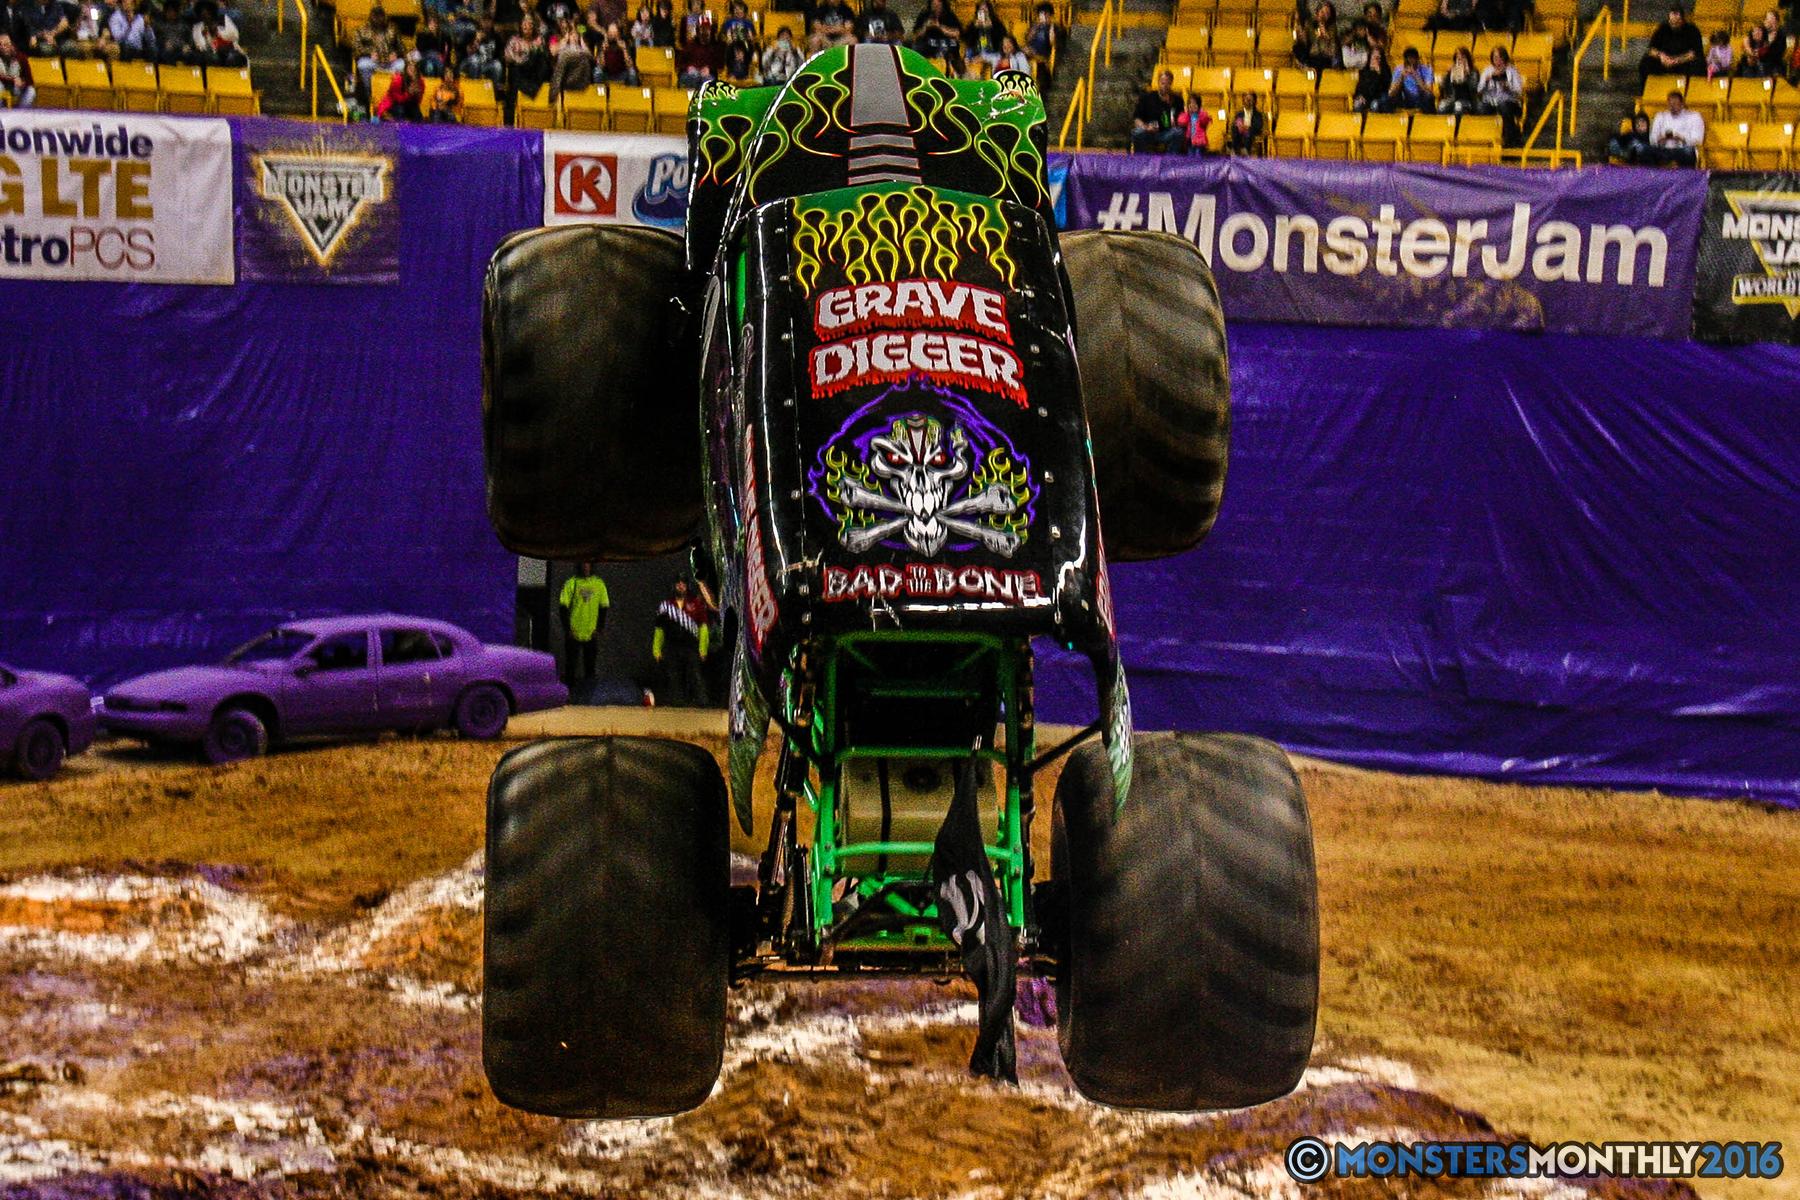 34-monster-jam-utc-mckenzie-arena-chattanooga-tennessee-monstersmonthly-monster-truck-race-gravedigger-monstermutt-xtermigator-razin-kane-doomsday-captainscurse-2016.jpg